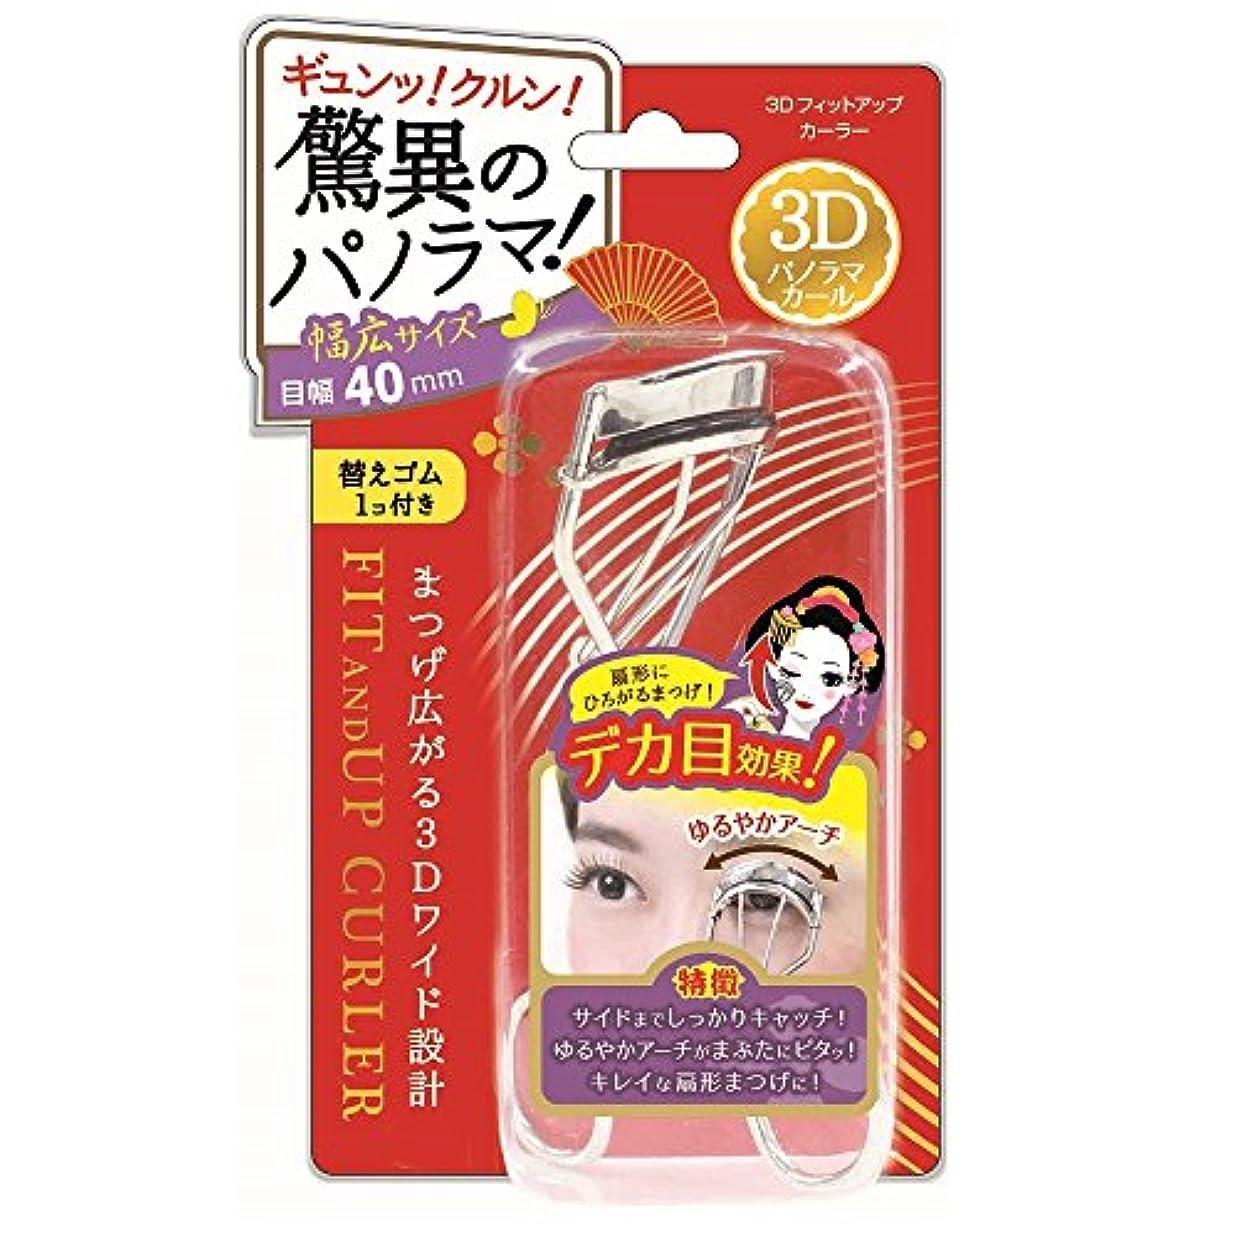 3Dフィットアップカーラー【FUC682】